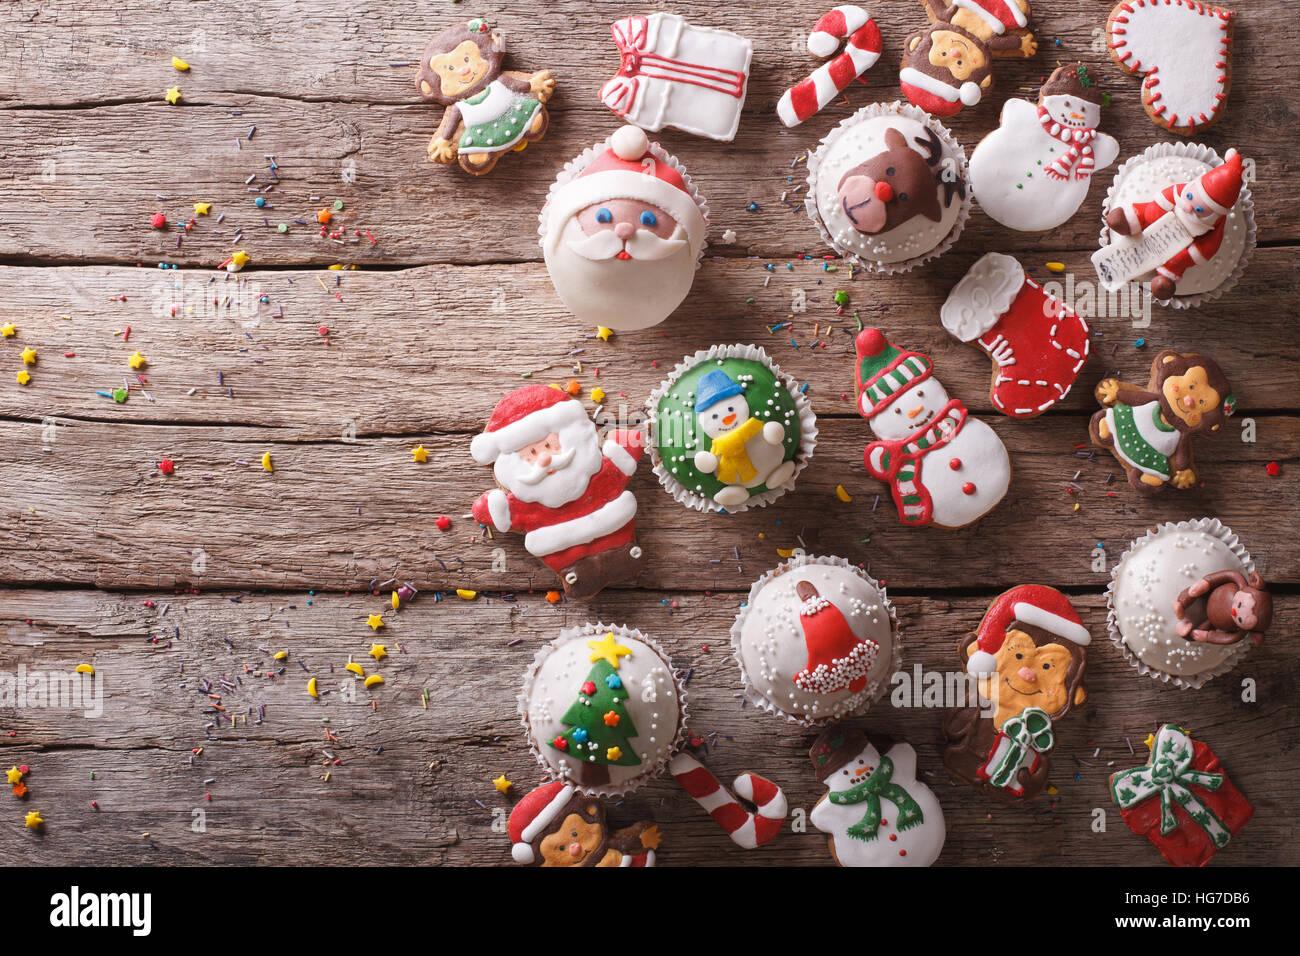 Arrière-plan de friandises de Noël sur une table de bois horizontal. Vue de dessus Photo Stock